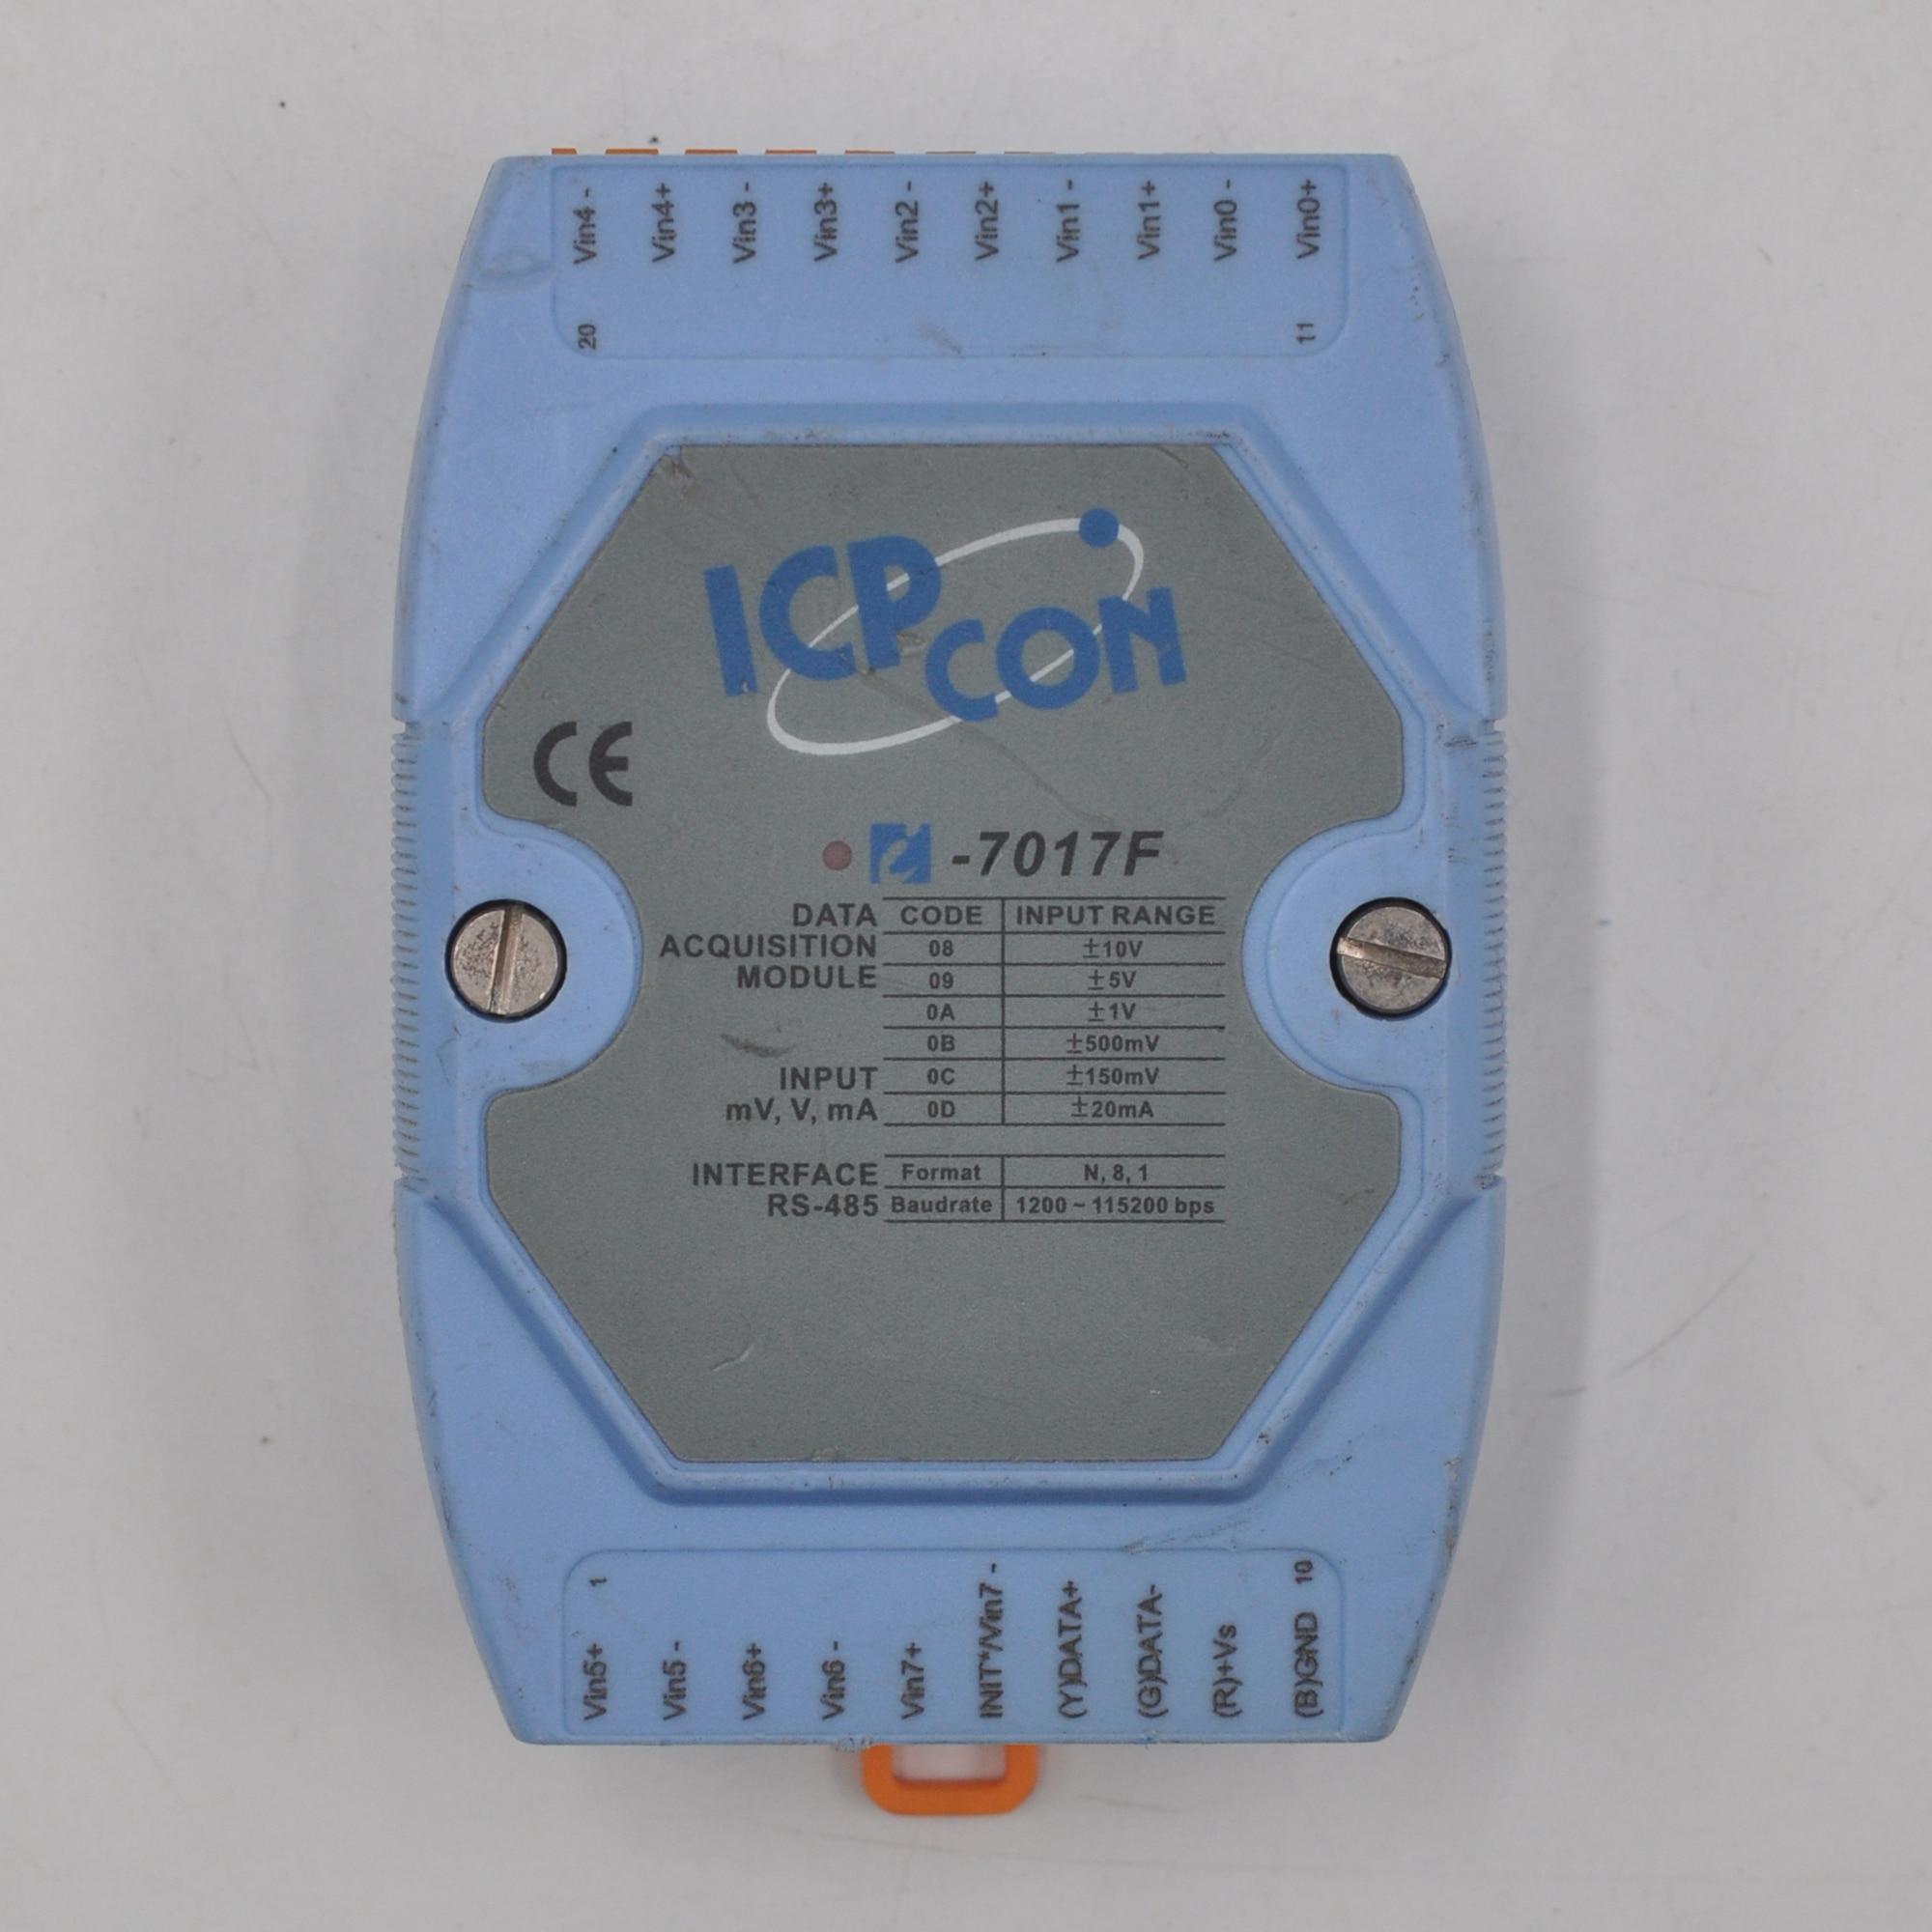 Canais do Modo o Módulo I-7017f cr do Icp das Suporta o Módulo de Entrada Analógico de 8 Rápido